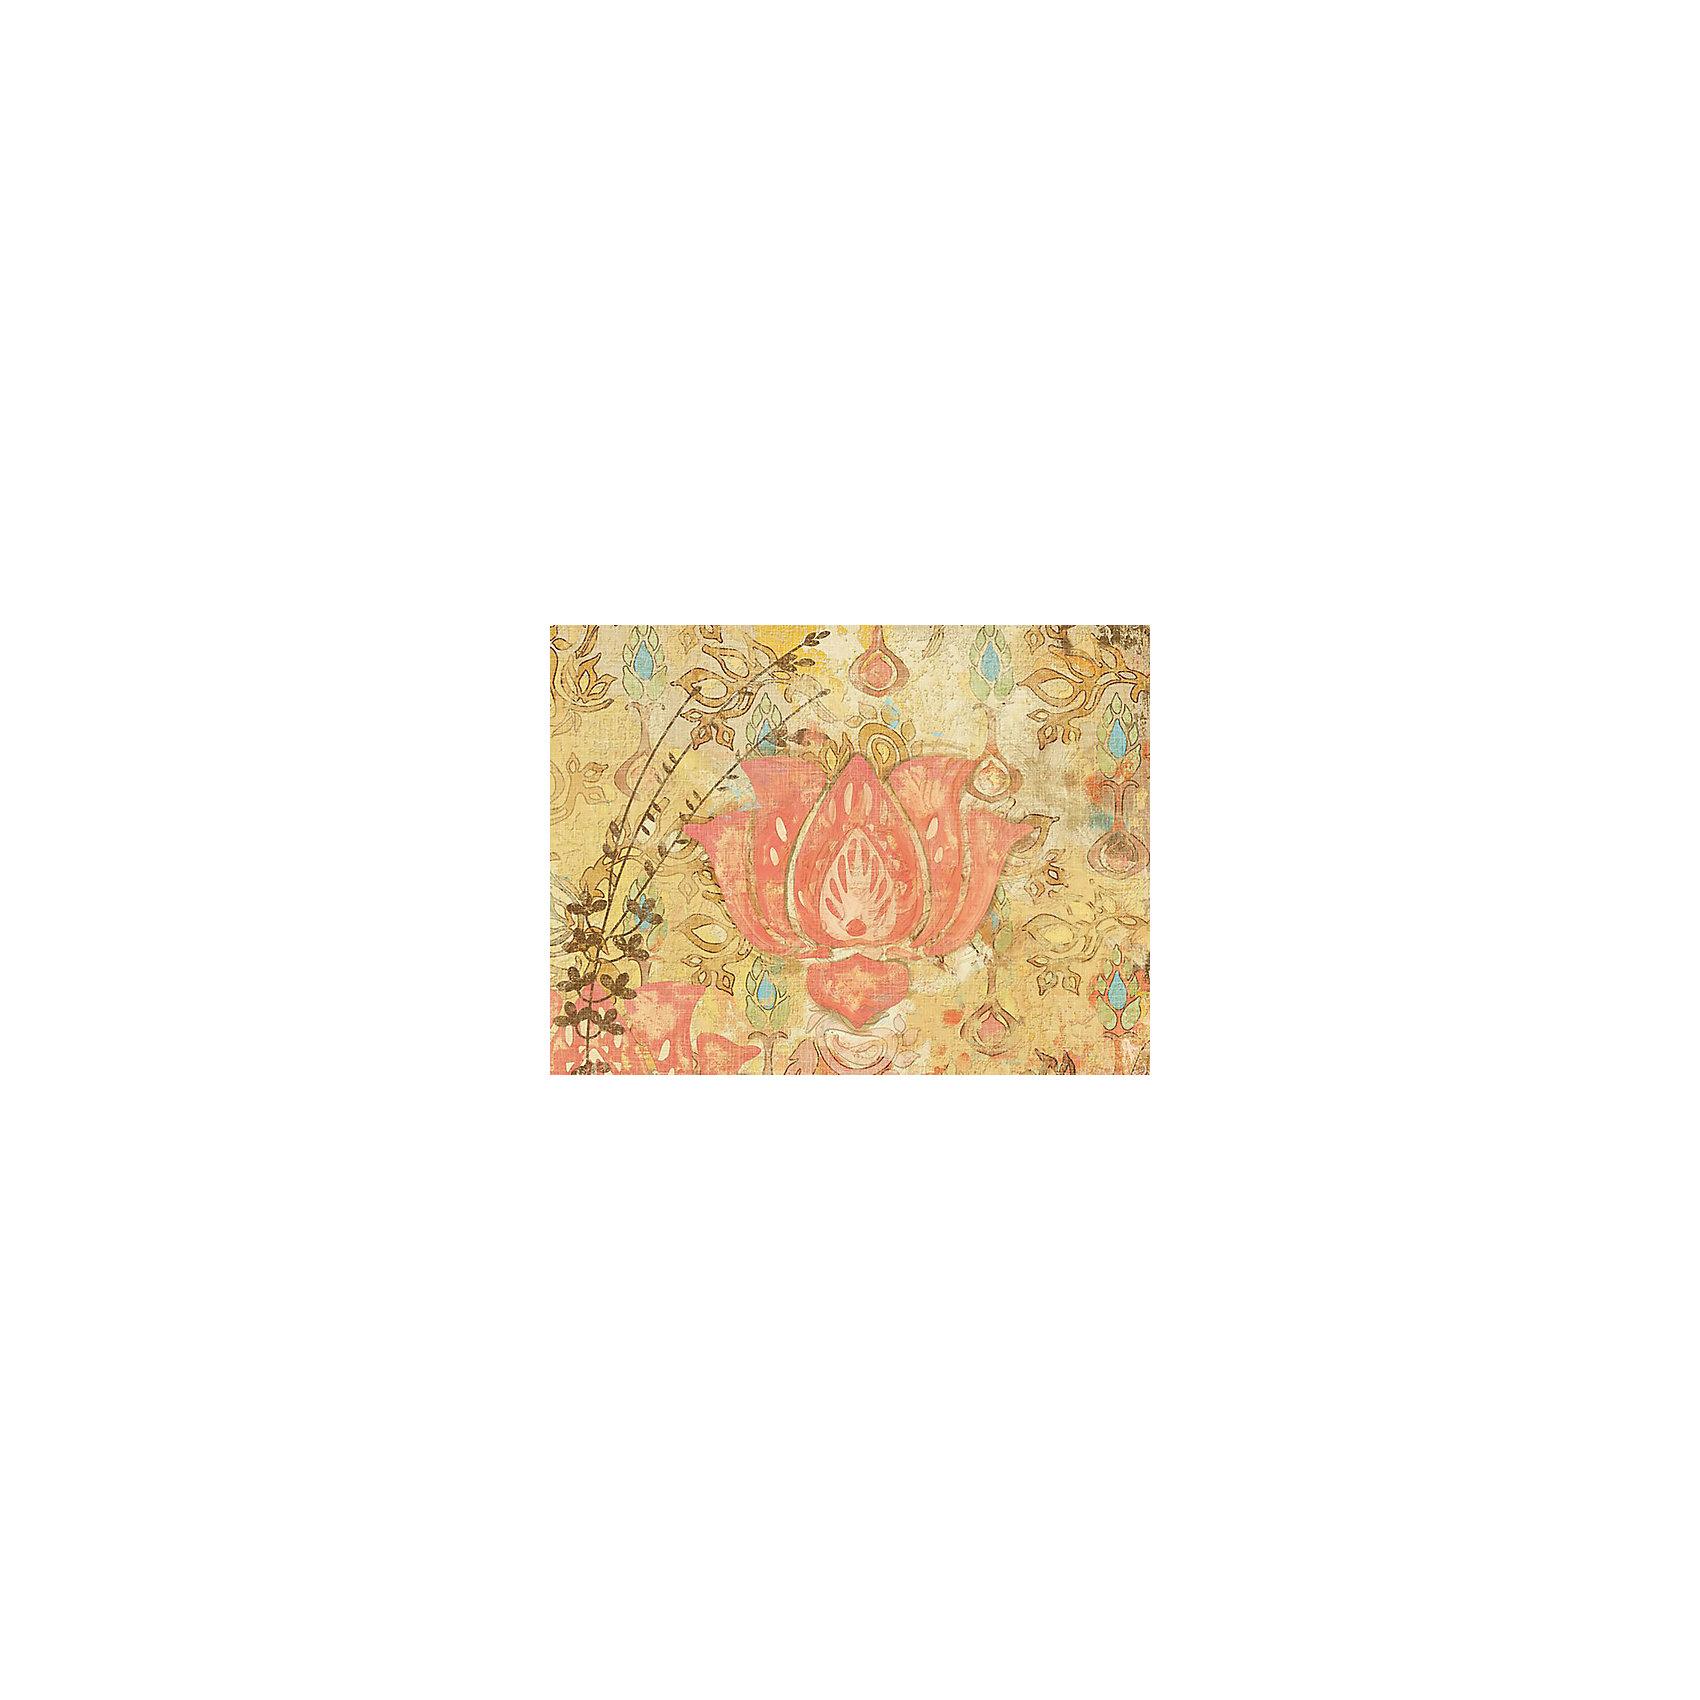 Картина - репродукция Восточная сказка, Феникс-ПрезентПредметы интерьера<br>Картина - репродукция Восточная сказка, Феникс-Презент <br><br>Характеристики:<br><br>• печать на бумаге<br>• без рамки<br>• основа из МДФ<br>• размер: 30х40х1 см<br><br>Картина-репродукция Восточная сказка станет украшением дома или хорошим подарком для близкого человека. Основа картины изготовлена из МДФ. Яркая качественная печать на бумаге не выцветает. Рисунок с восточным узором прекрасно впишется в любой интерьер. Размер картины - 30х40 сантиметров.<br><br>Картину - репродукцию Восточная сказка, Феникс-Презент можно купить в нашем интернет-магазине.<br><br>Ширина мм: 300<br>Глубина мм: 400<br>Высота мм: 100<br>Вес г: 793<br>Возраст от месяцев: -2147483648<br>Возраст до месяцев: 2147483647<br>Пол: Унисекс<br>Возраст: Детский<br>SKU: 5449536